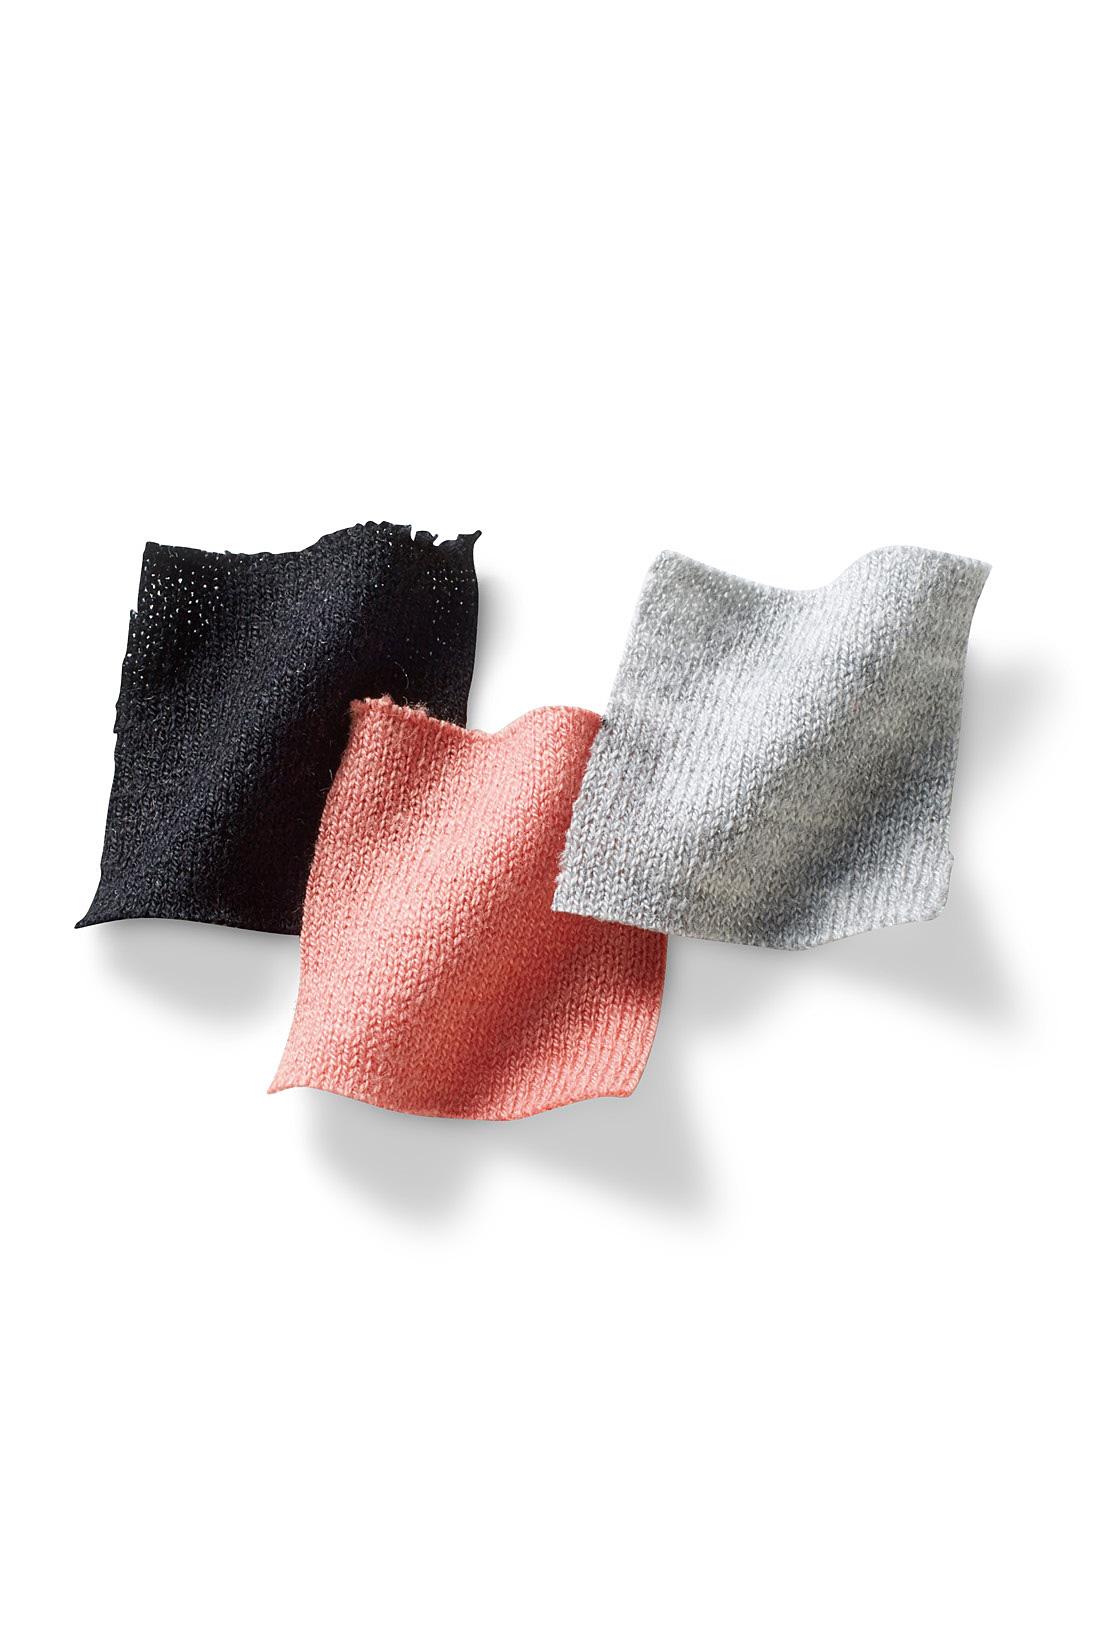 滑らかでやさしい肌ざわりにうっとり。コットンやレーヨン、そしてバンブー由来のレーヨンに加えて、リネンが混紡された肌当たりのよさが特徴のとてもやわらかな素材です。